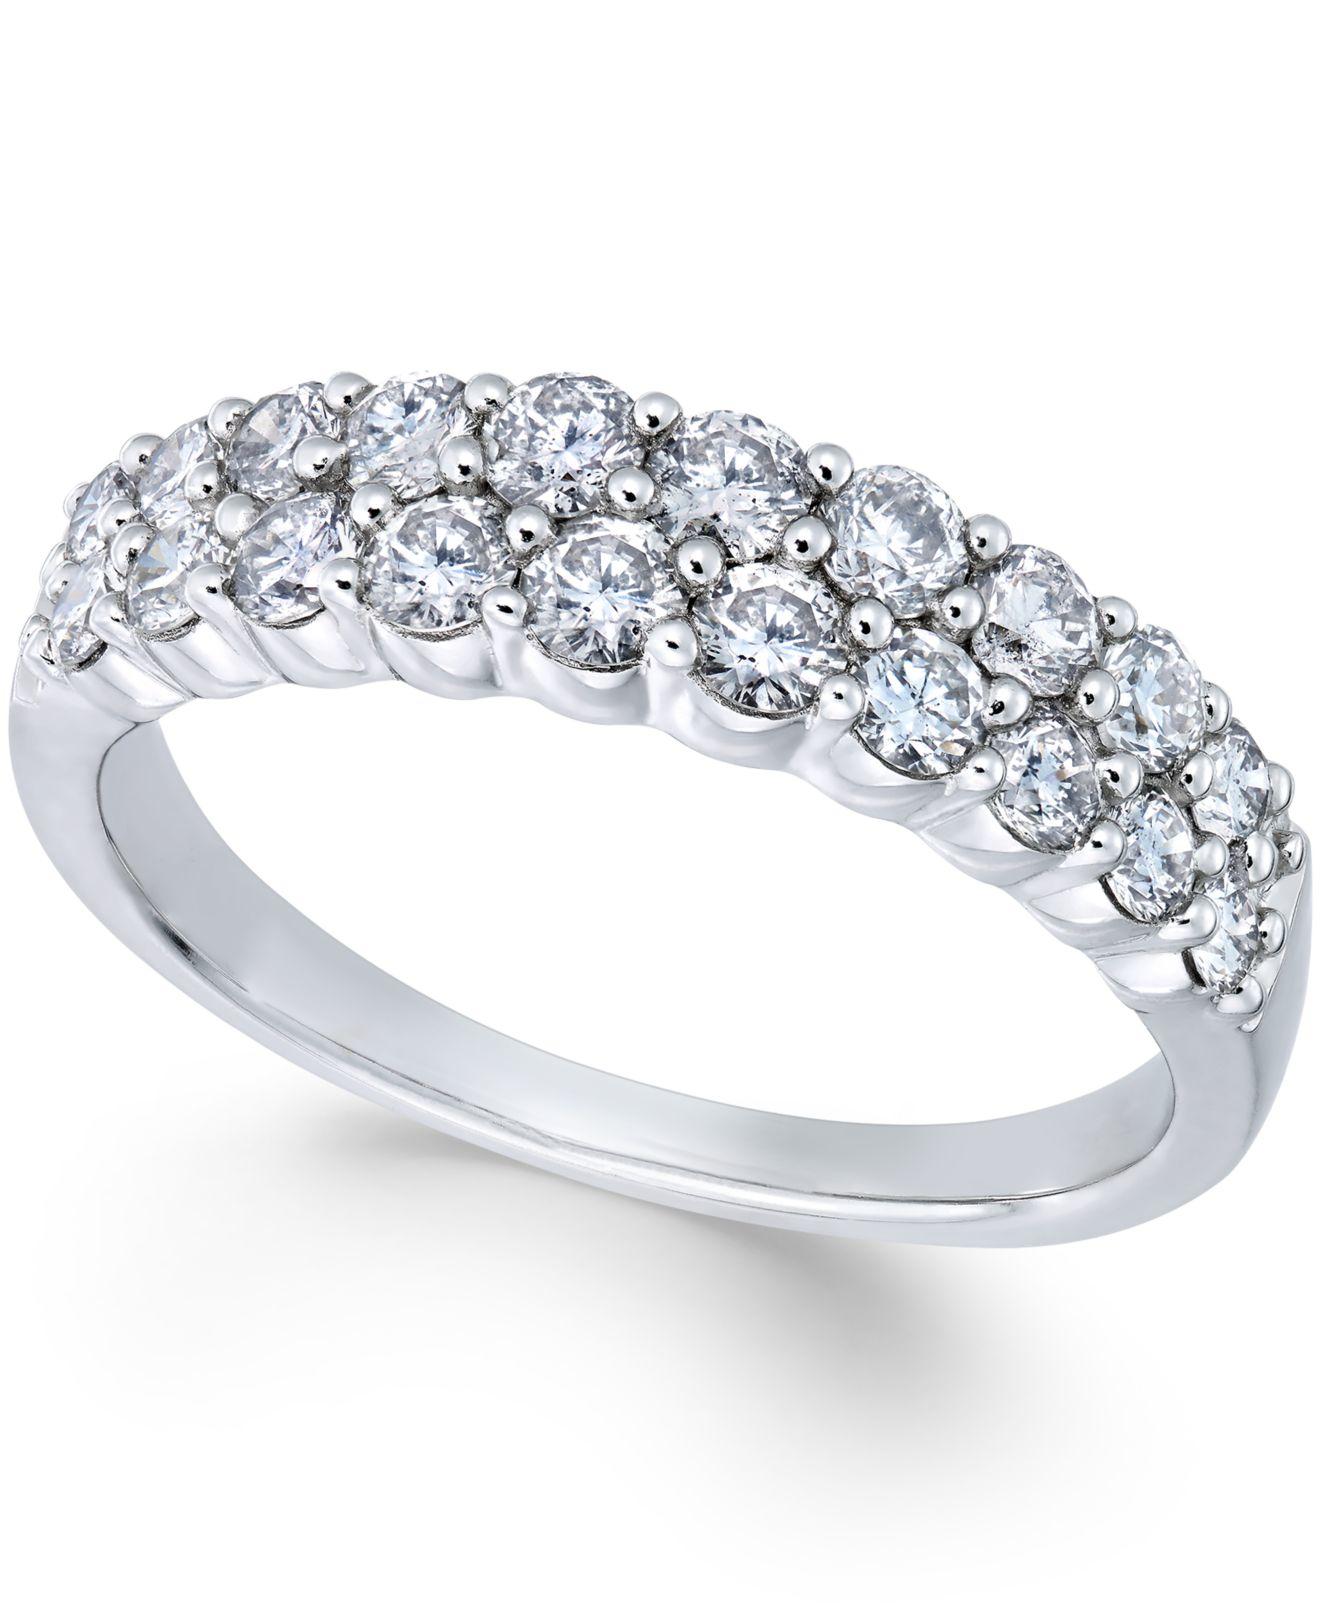 macy 39 s diamond double row wedding band 1 ct t w in 14k